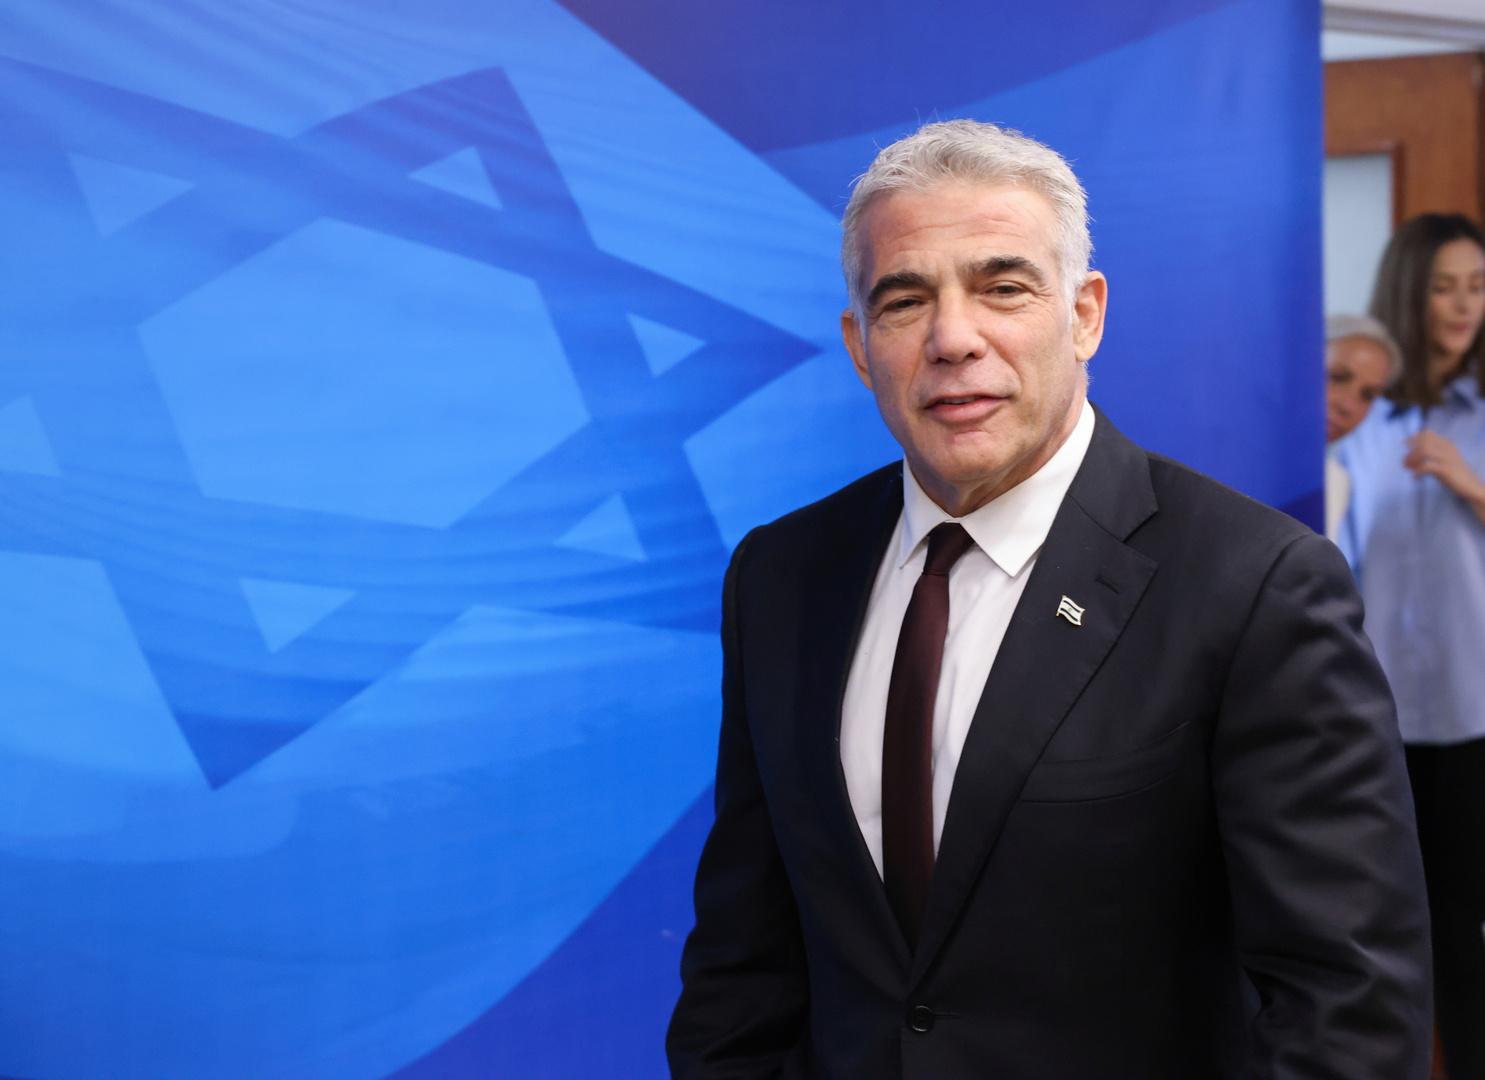 موقع إسرائيلي: لابيد سيزور الإمارات قريبا في أول زيارة خارجية له